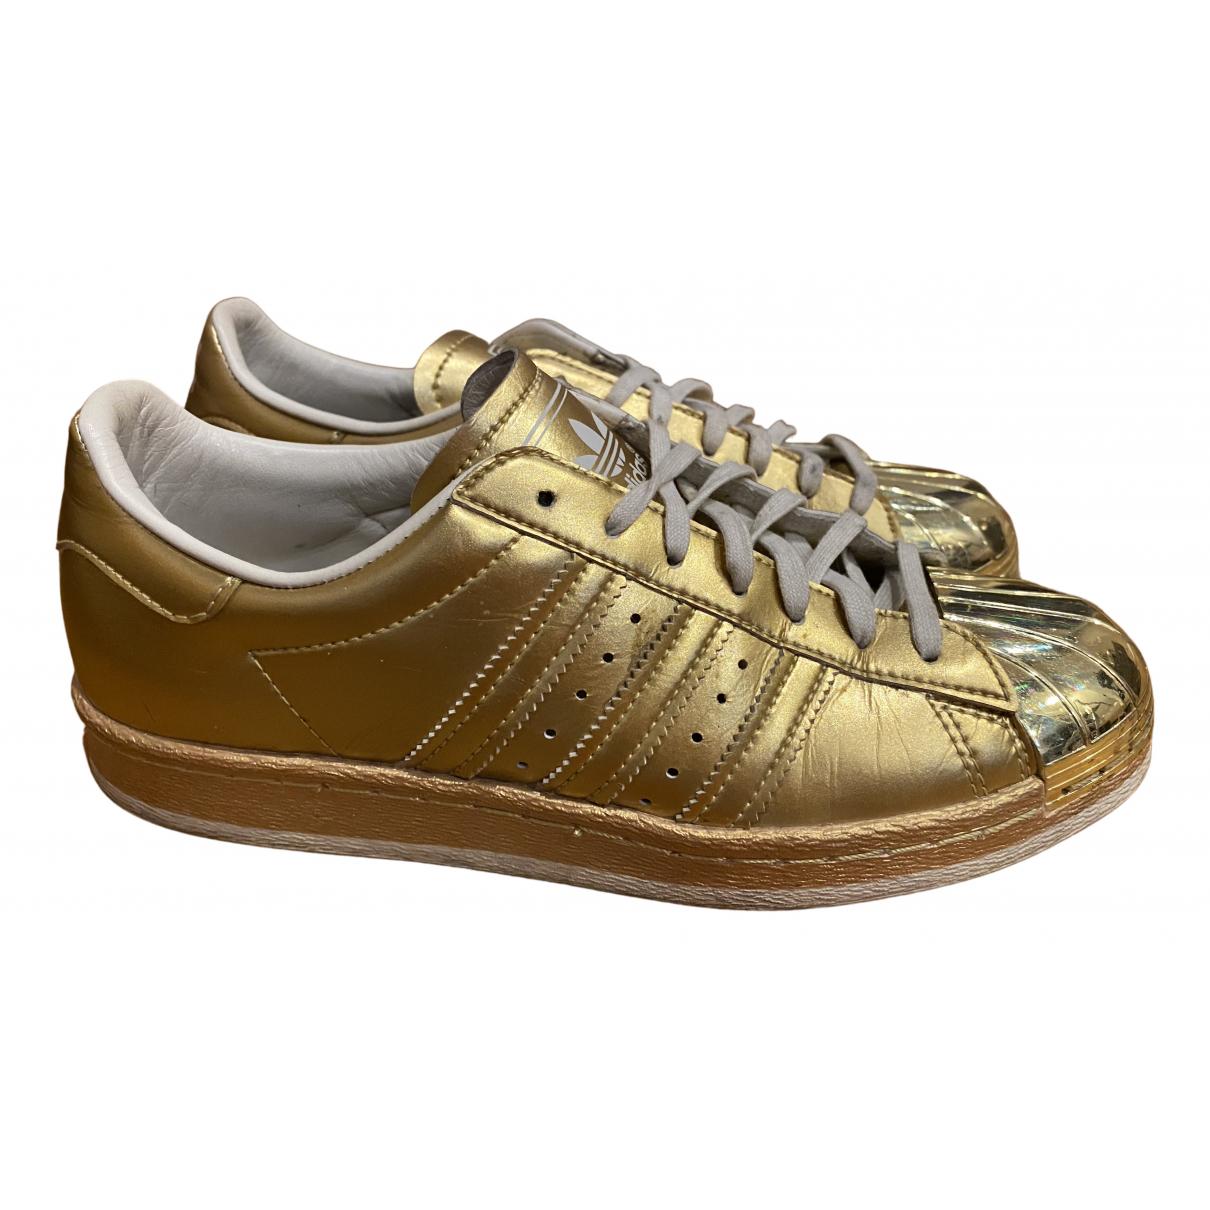 Adidas Superstar Sneakers in Leder